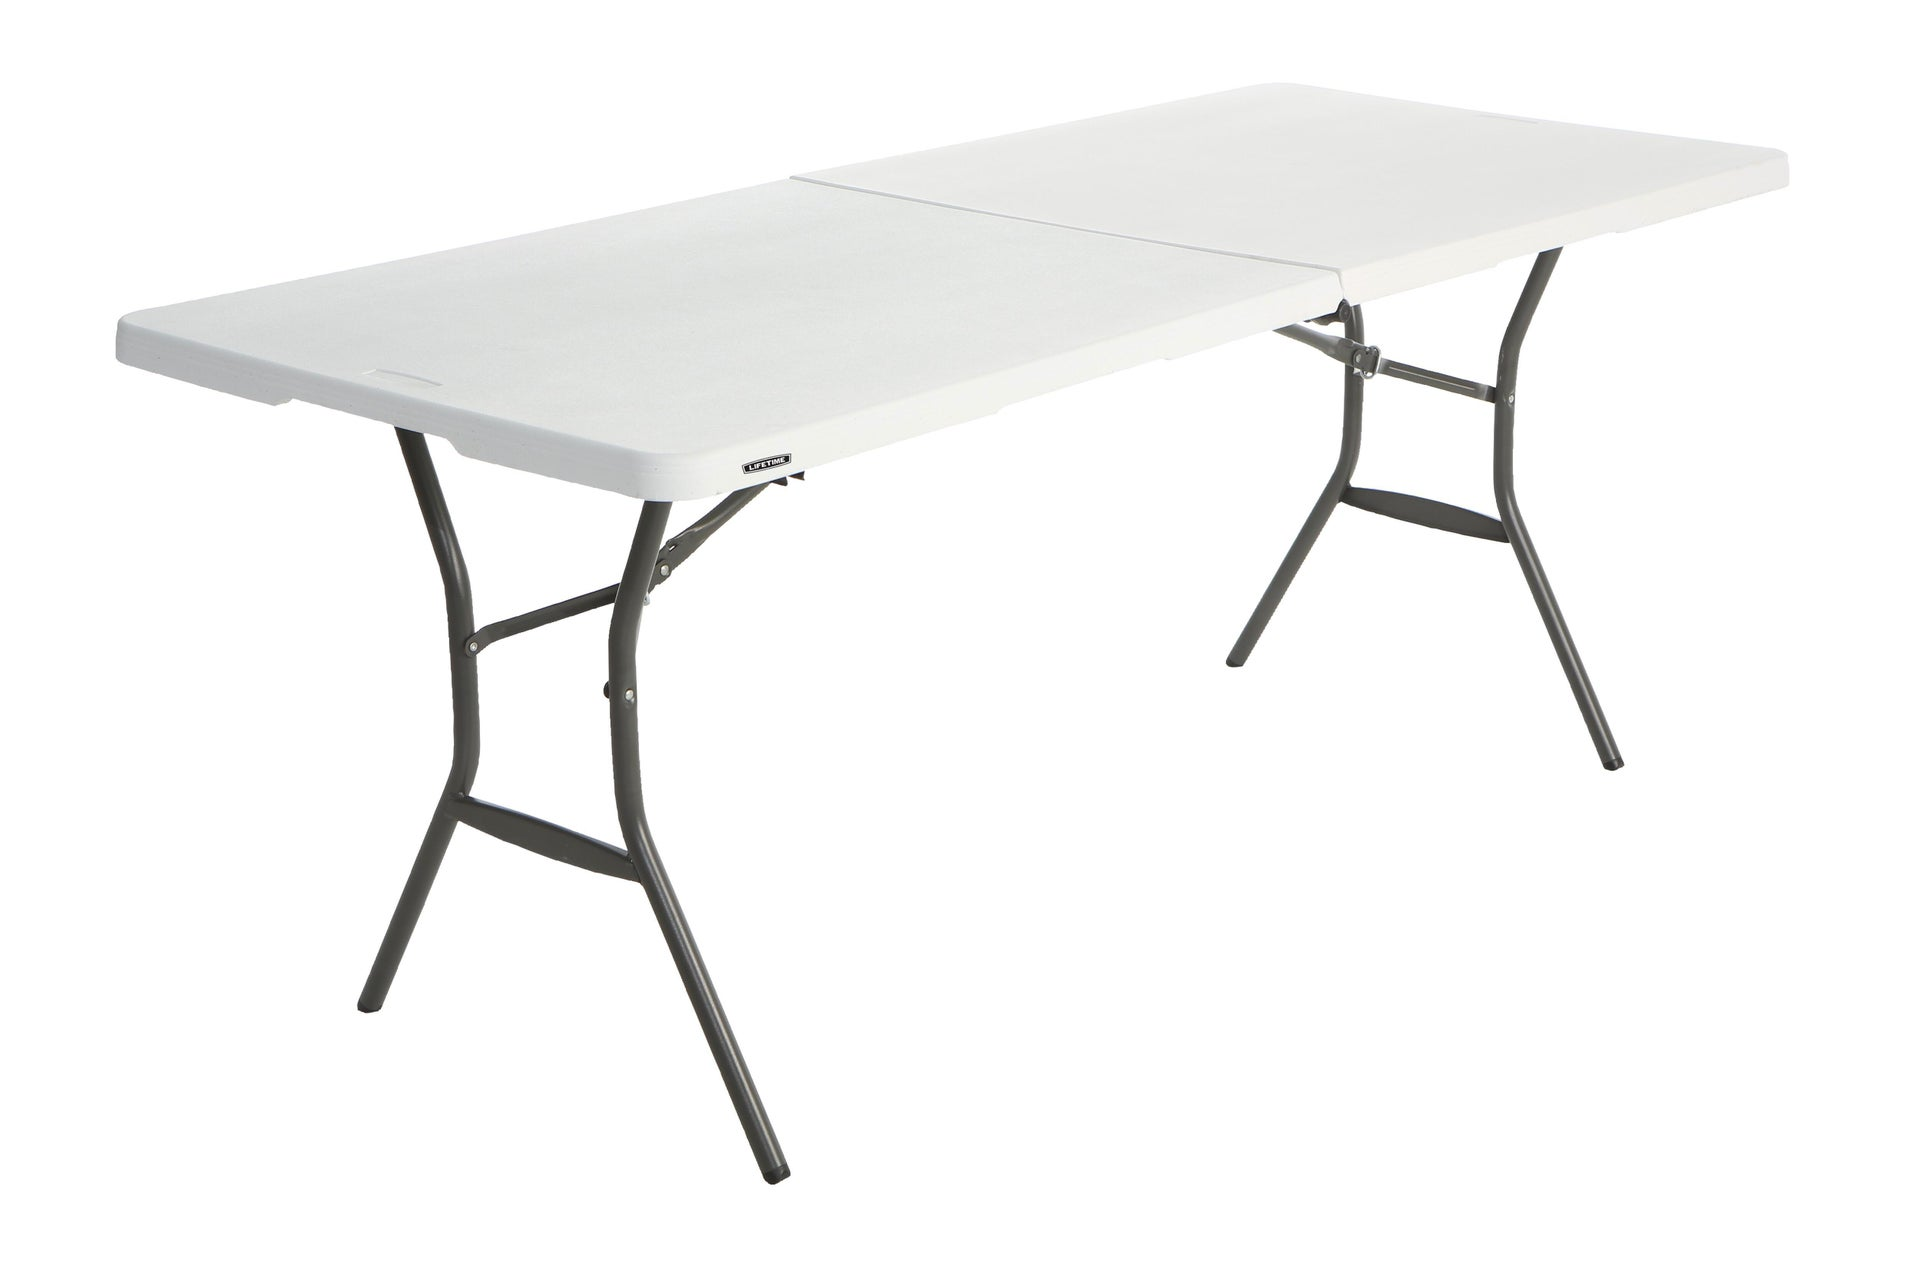 Tavolo da pranzo per giardino rettangolare Lifetime con piano in plastica L 76 x P 183 cm - 6